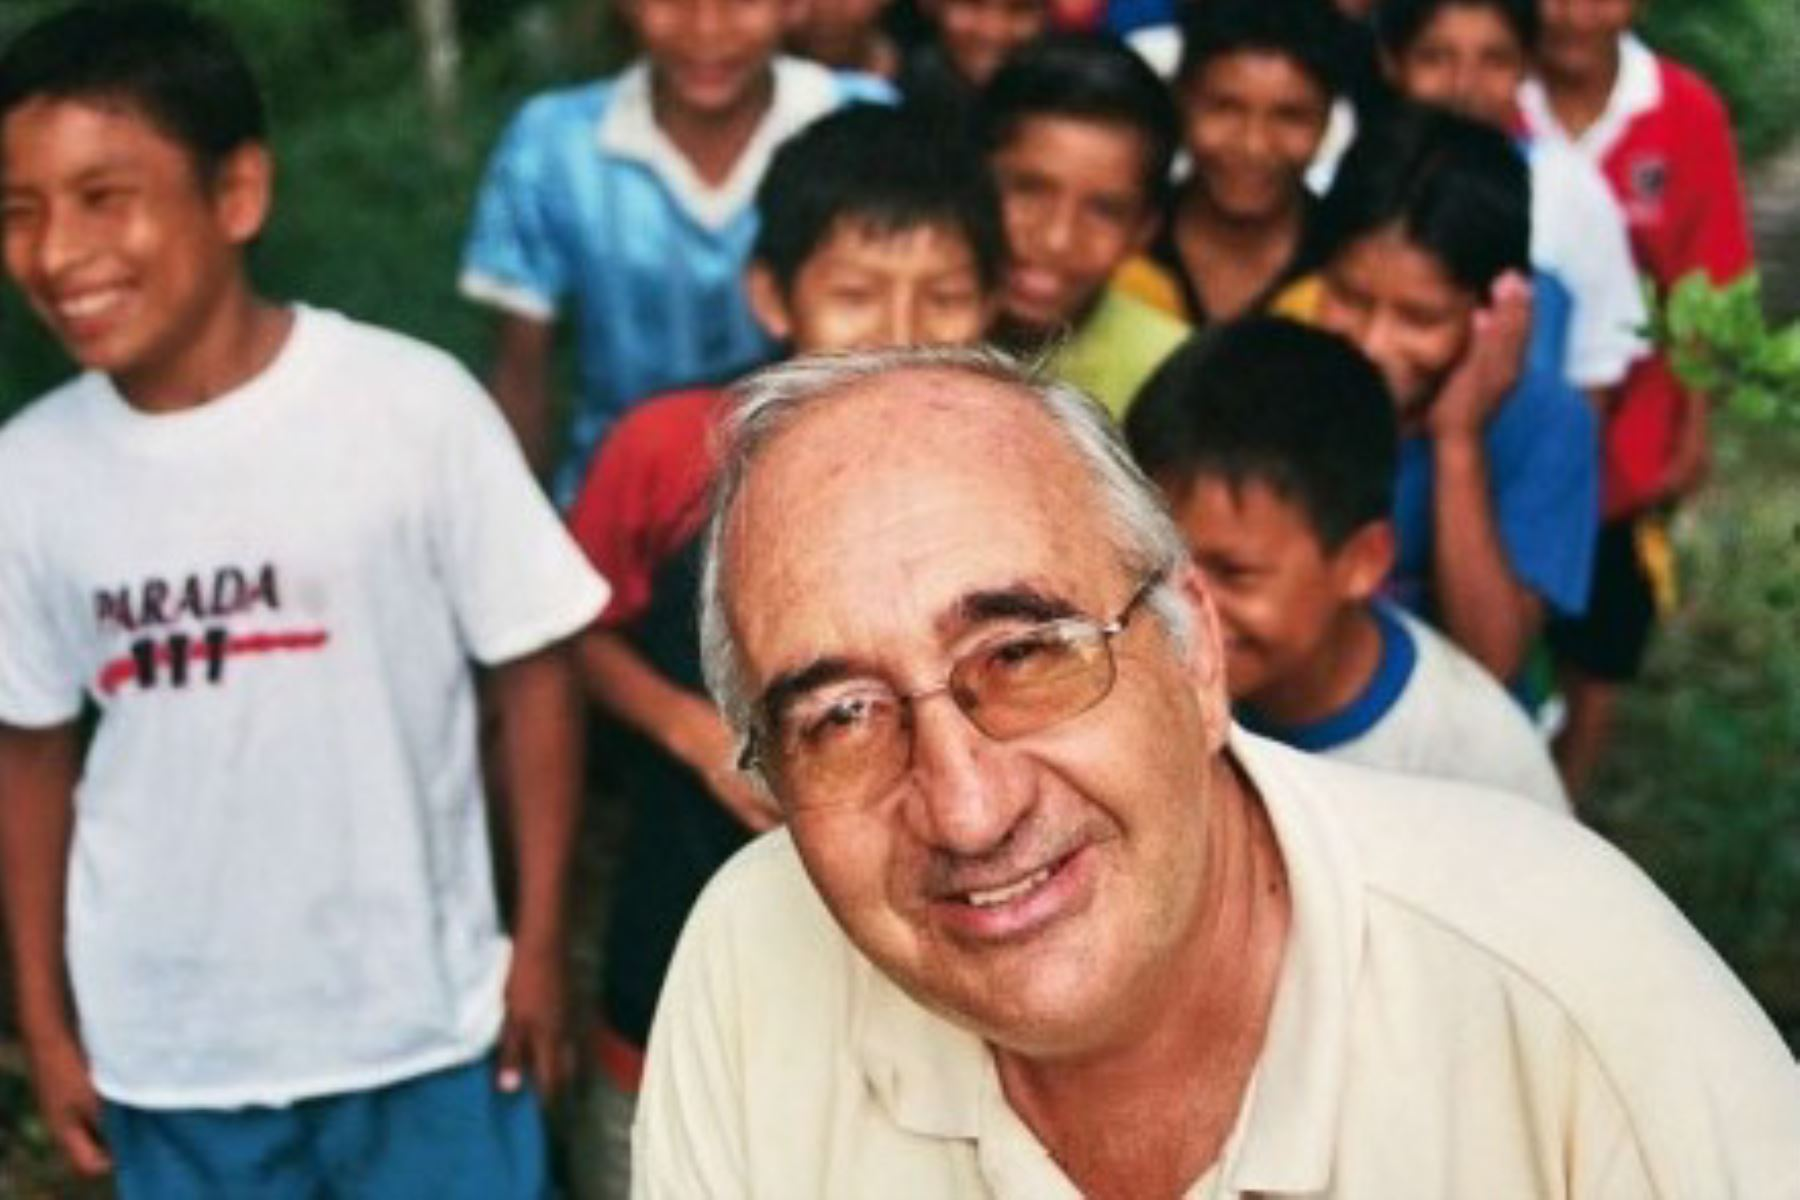 Sacerdote español Carlos Riudavest fue hallado muerto en Amazonas. Foto: Jesuitas del Perú